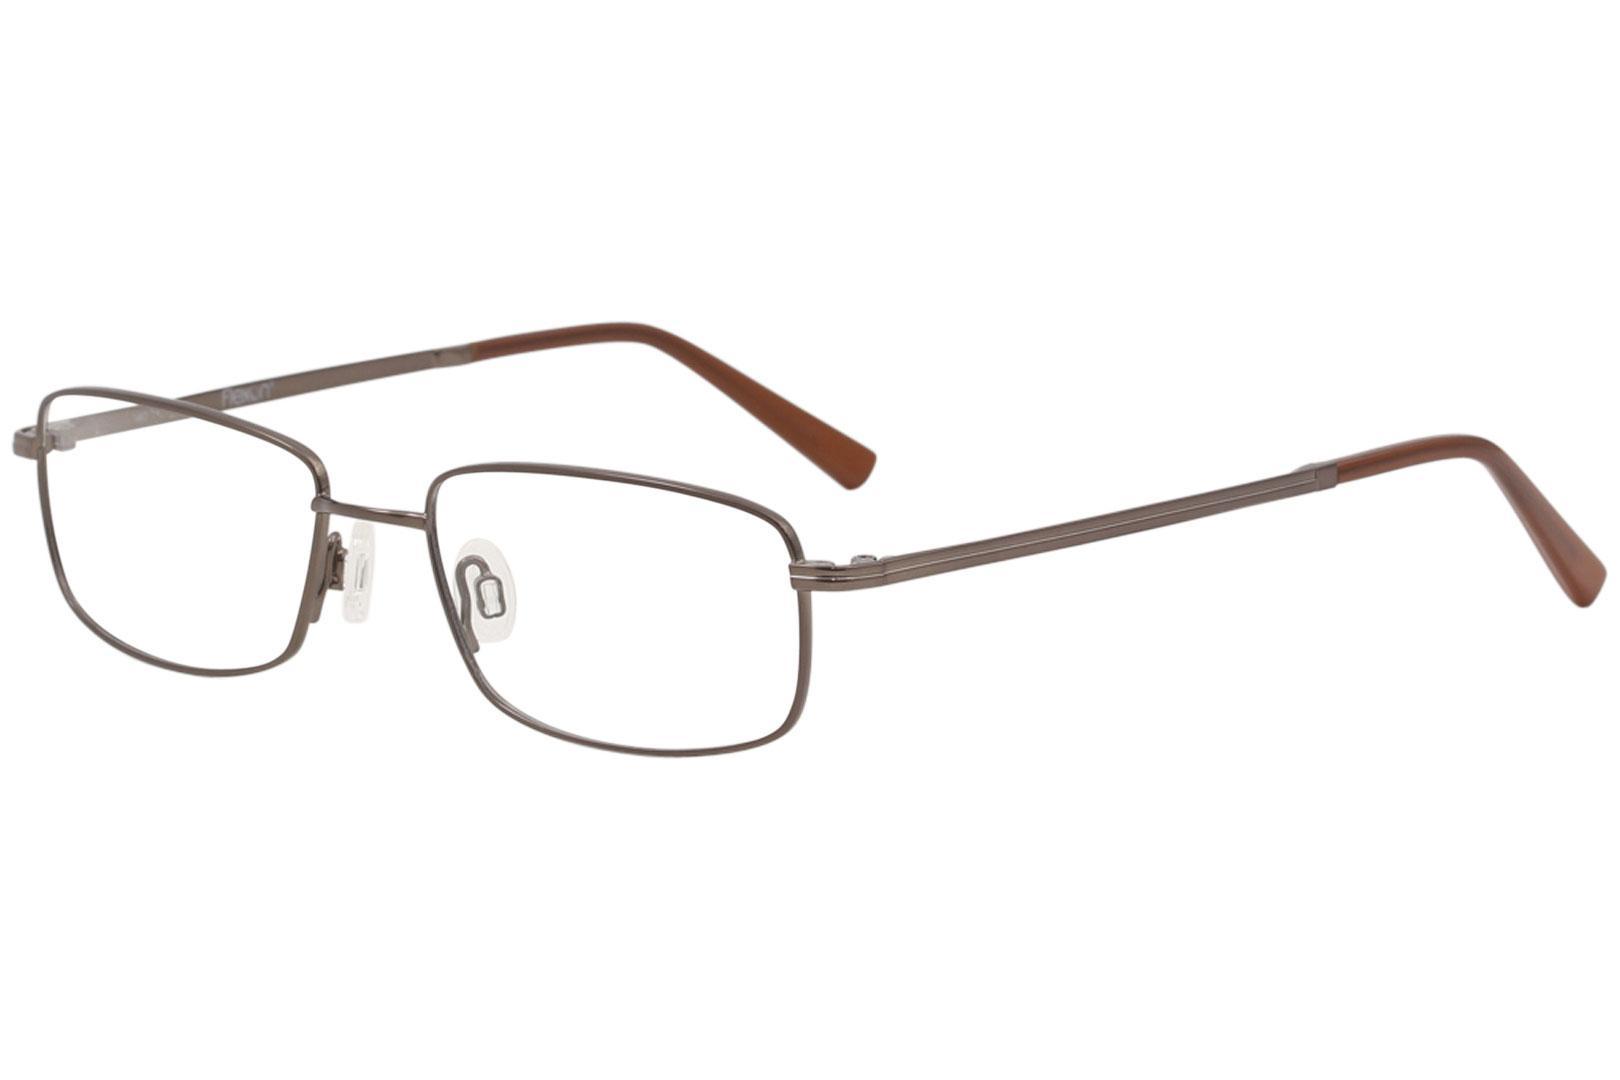 3d09019351 Flexon Men s Eyeglasses Hemingway 600 Full Rim Optical Frame by Flexon